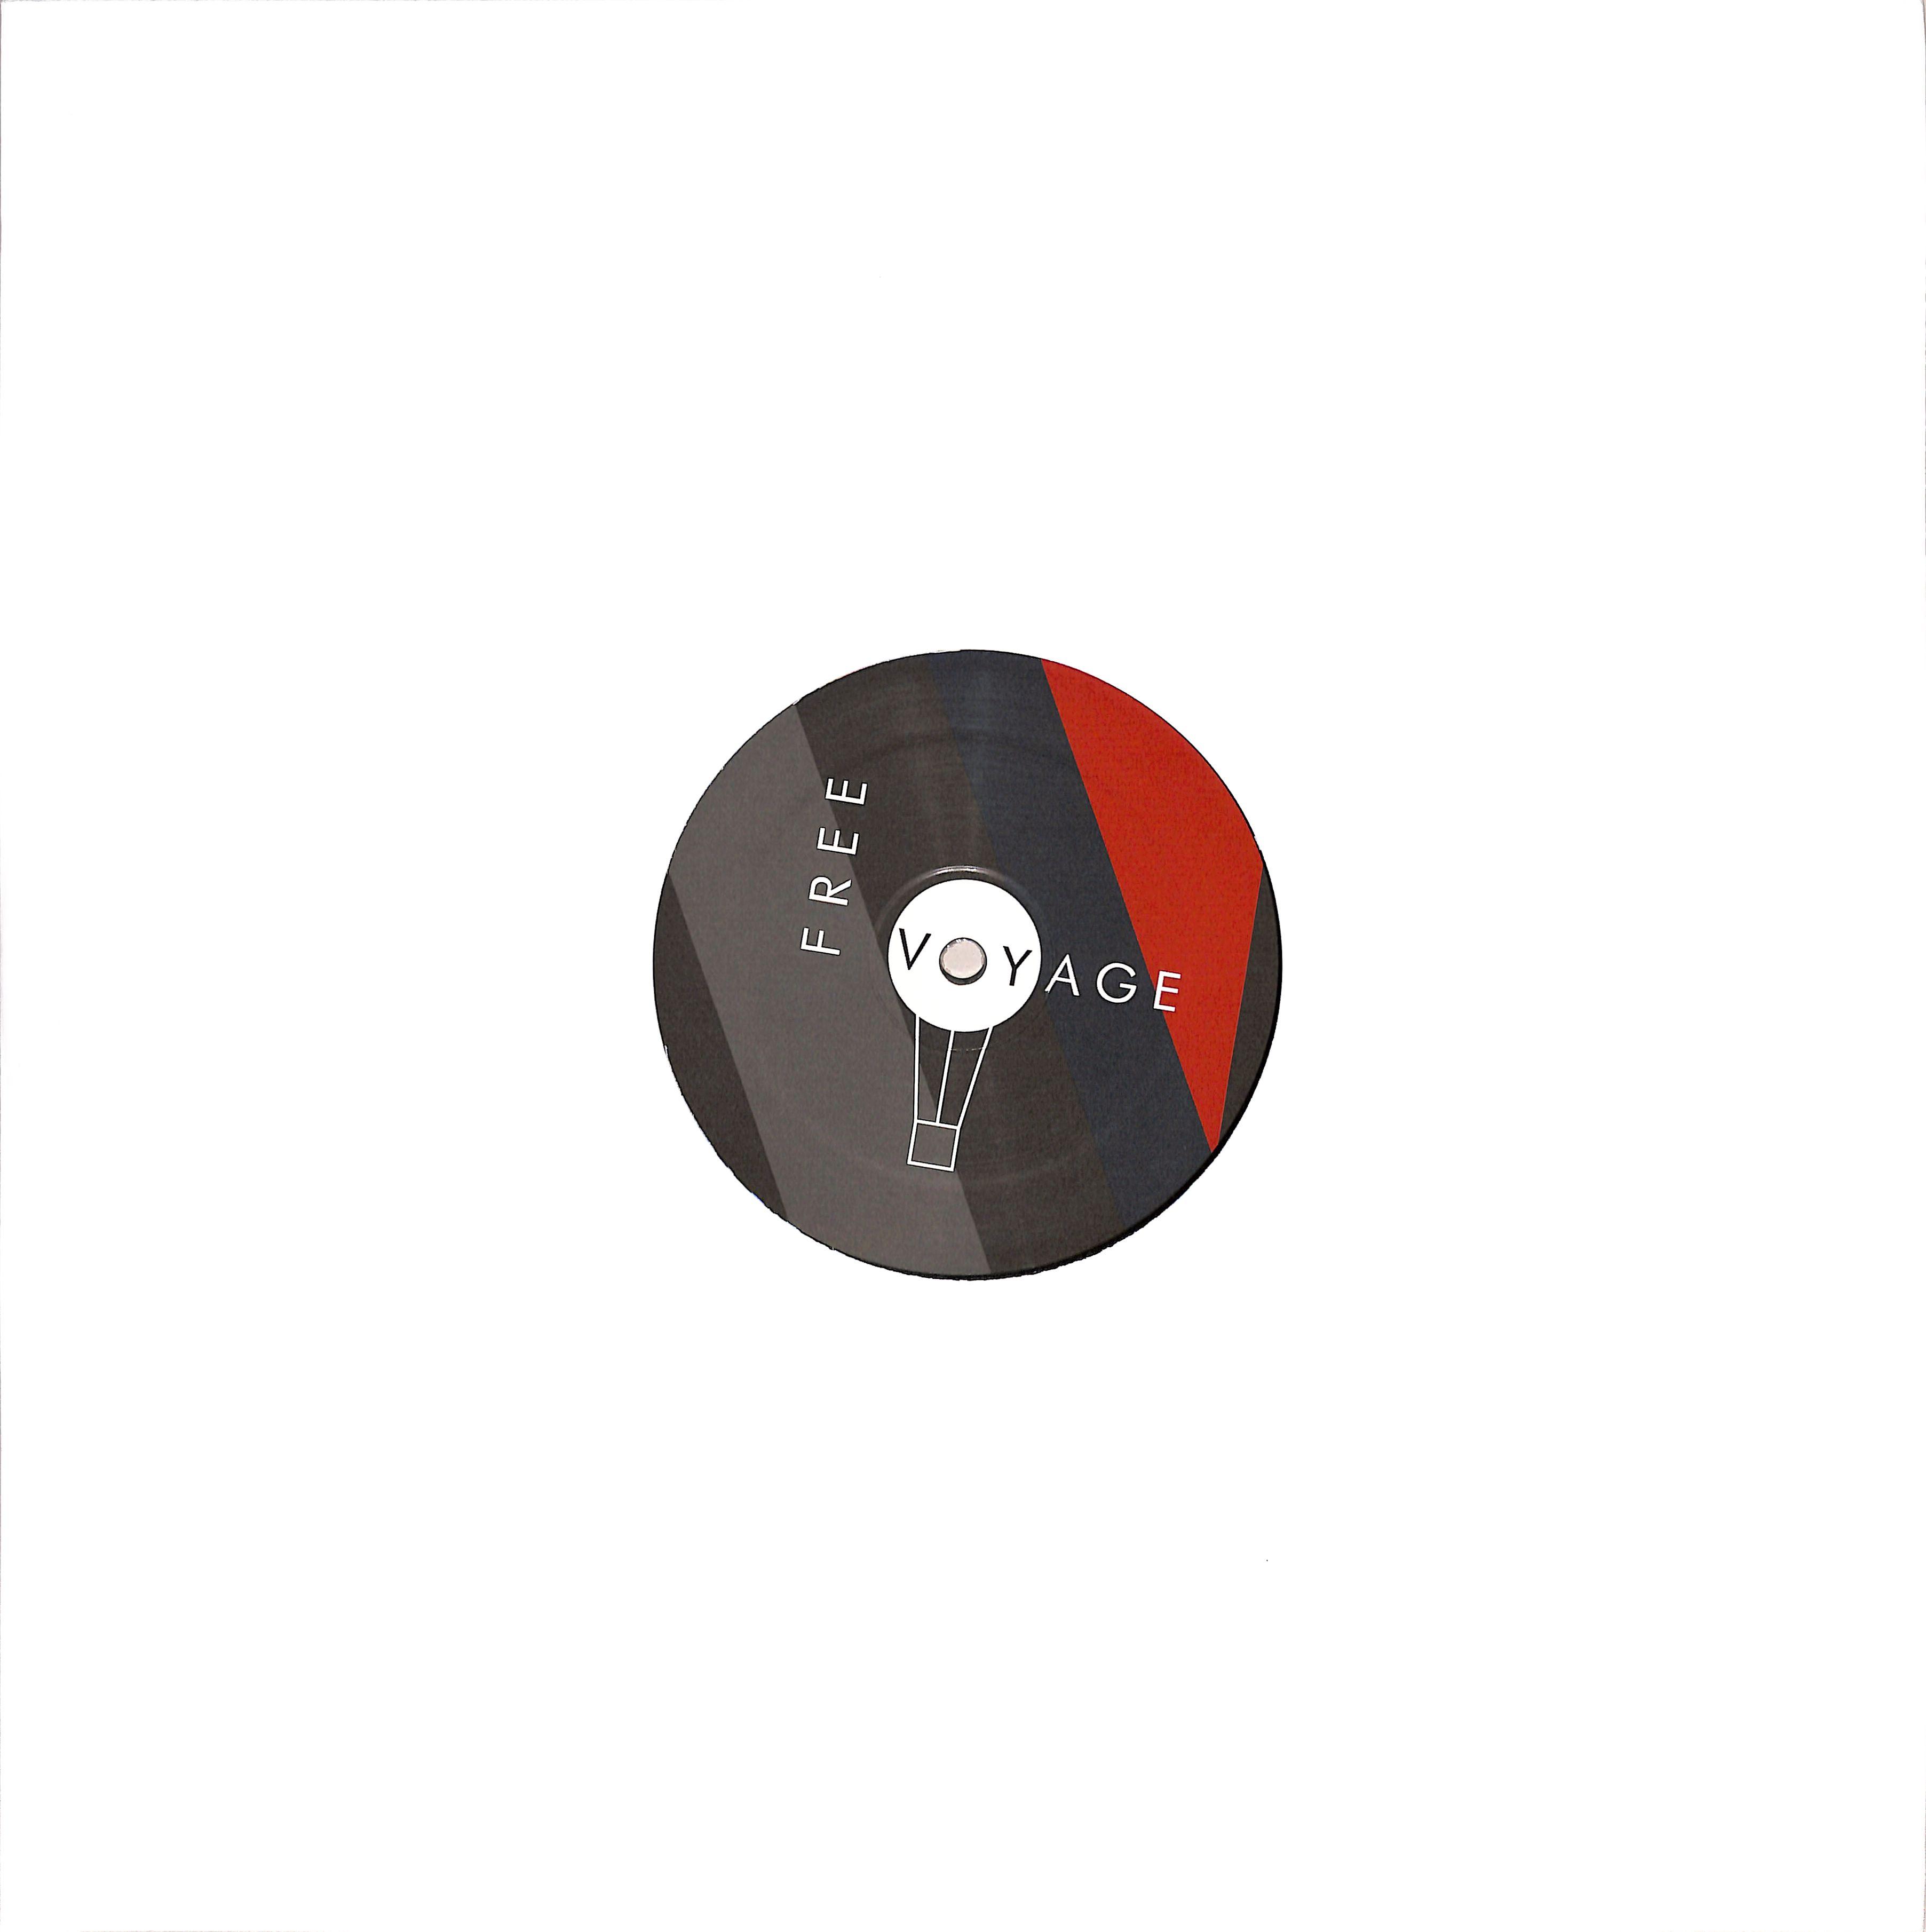 quadratschulz - KOEHLBRAND EP